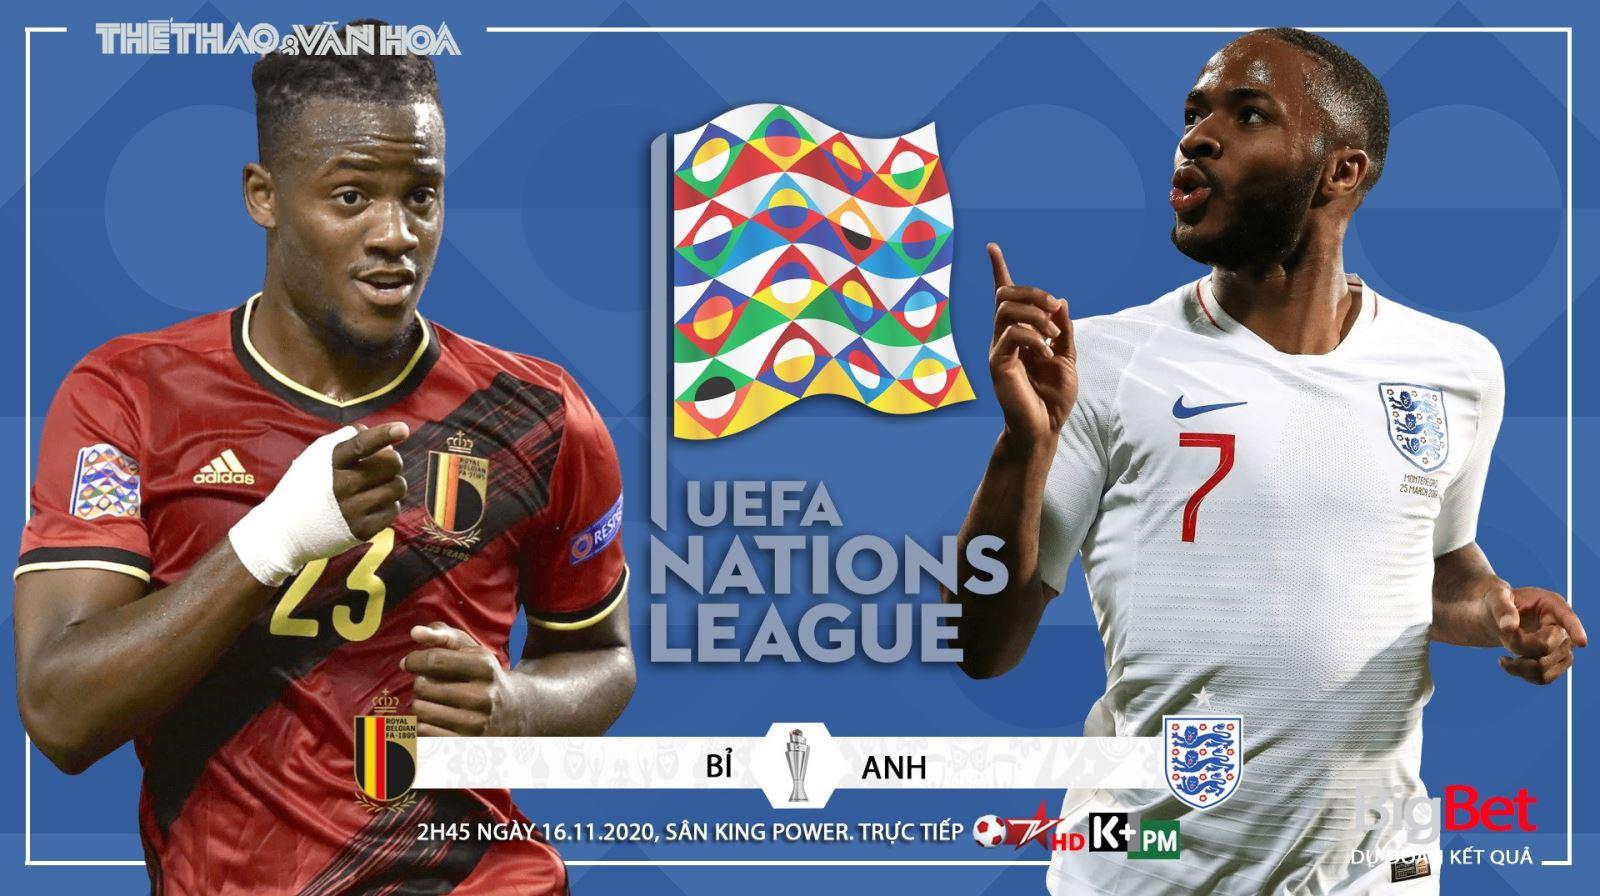 Soi kèonhà cái Bỉ vs Anh. Vòng bảng UEFA Nations League. Trực tiếp BĐTV HD, K+PM